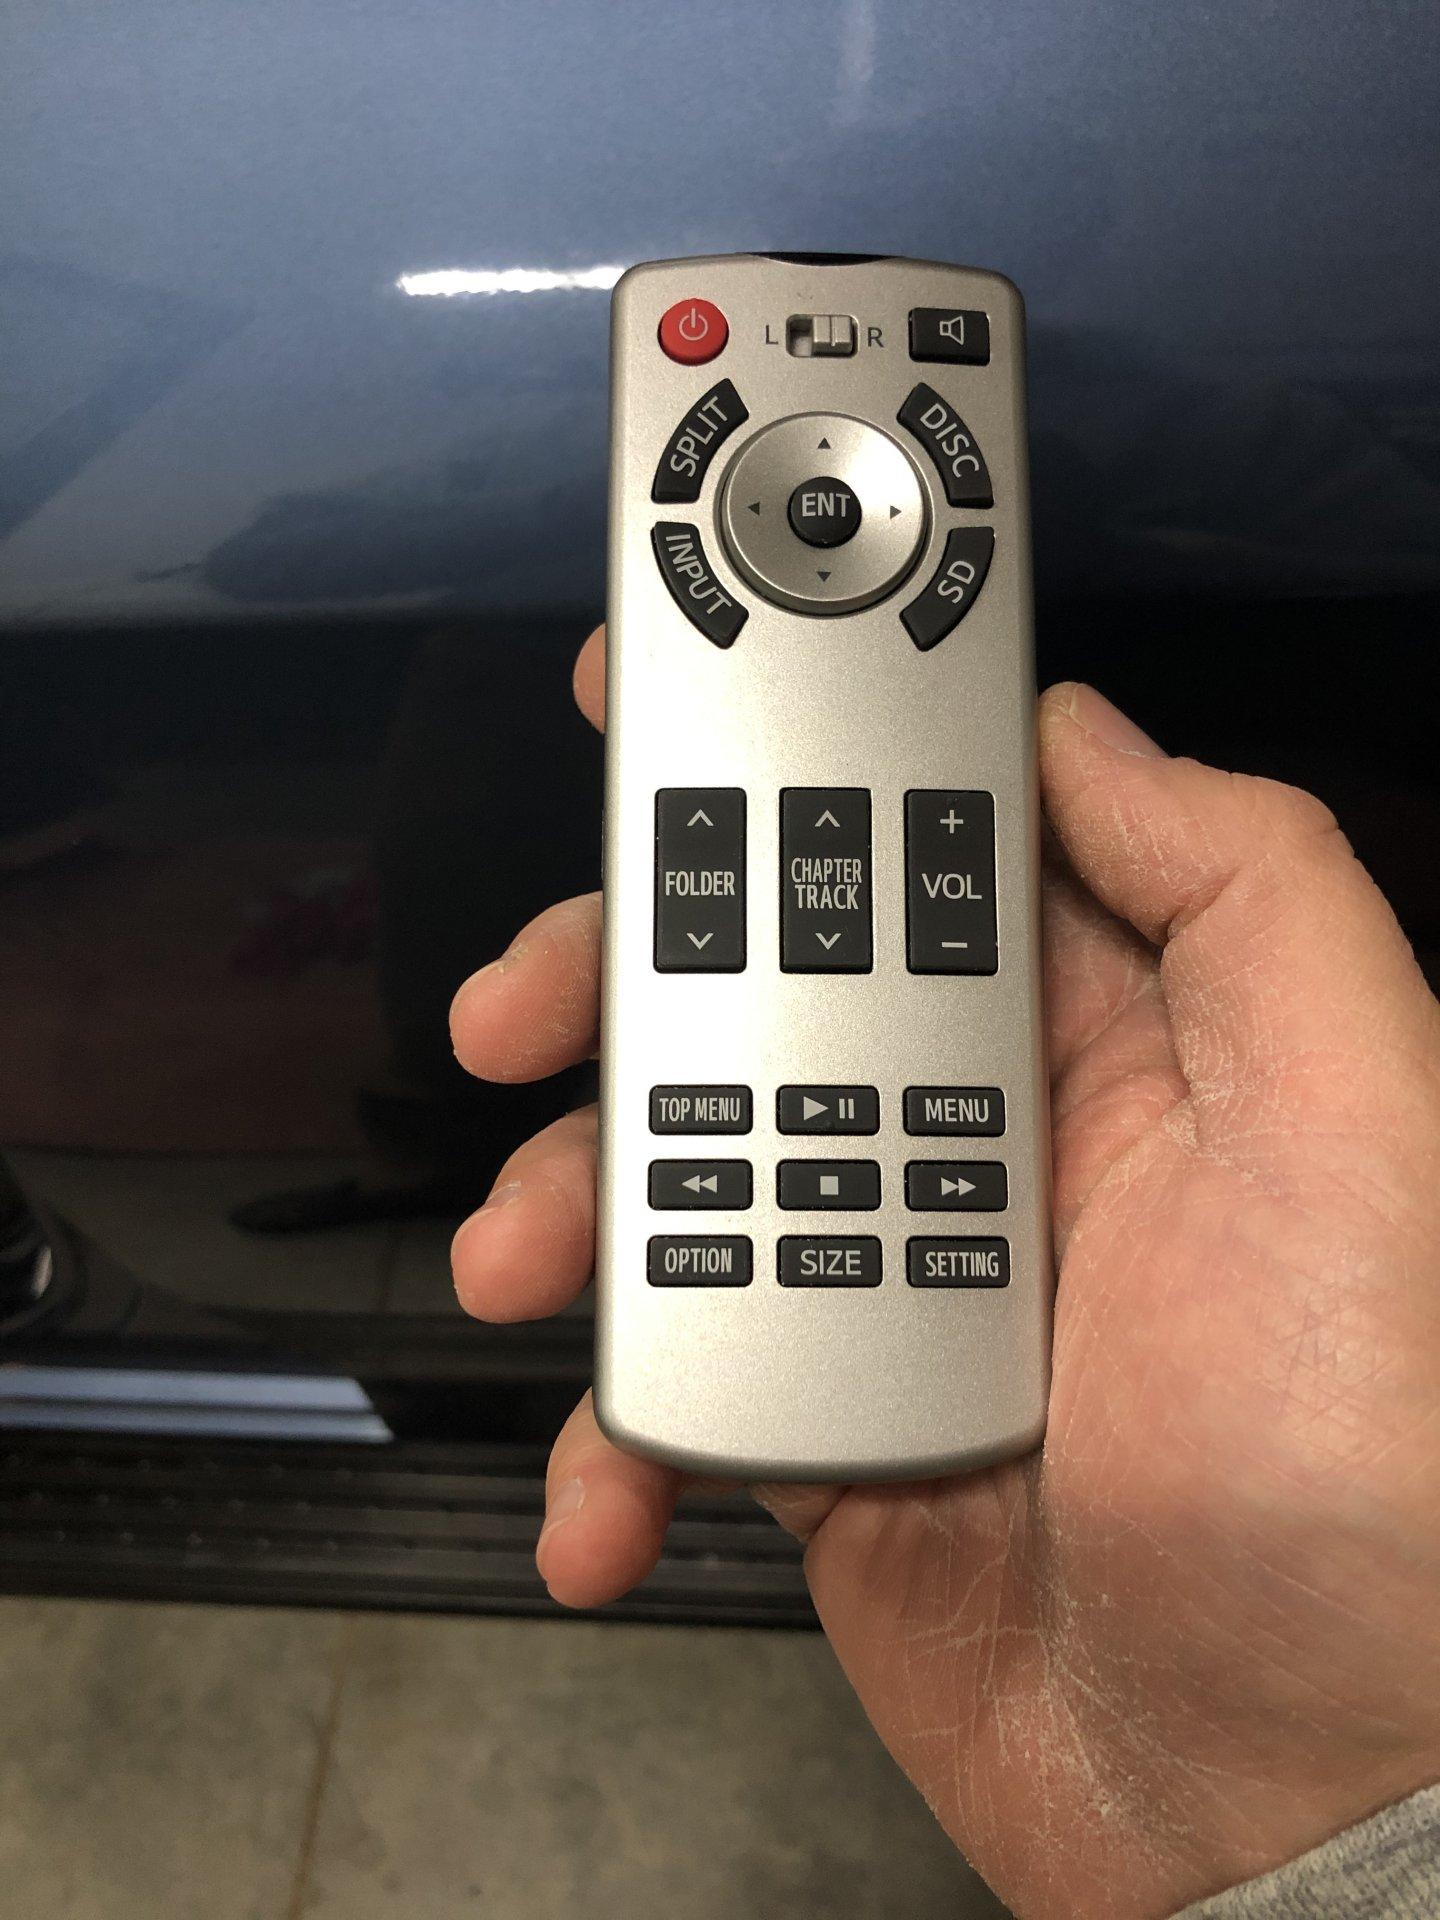 68087E53-8605-4563-B606-EB4FA0355E23.jpeg